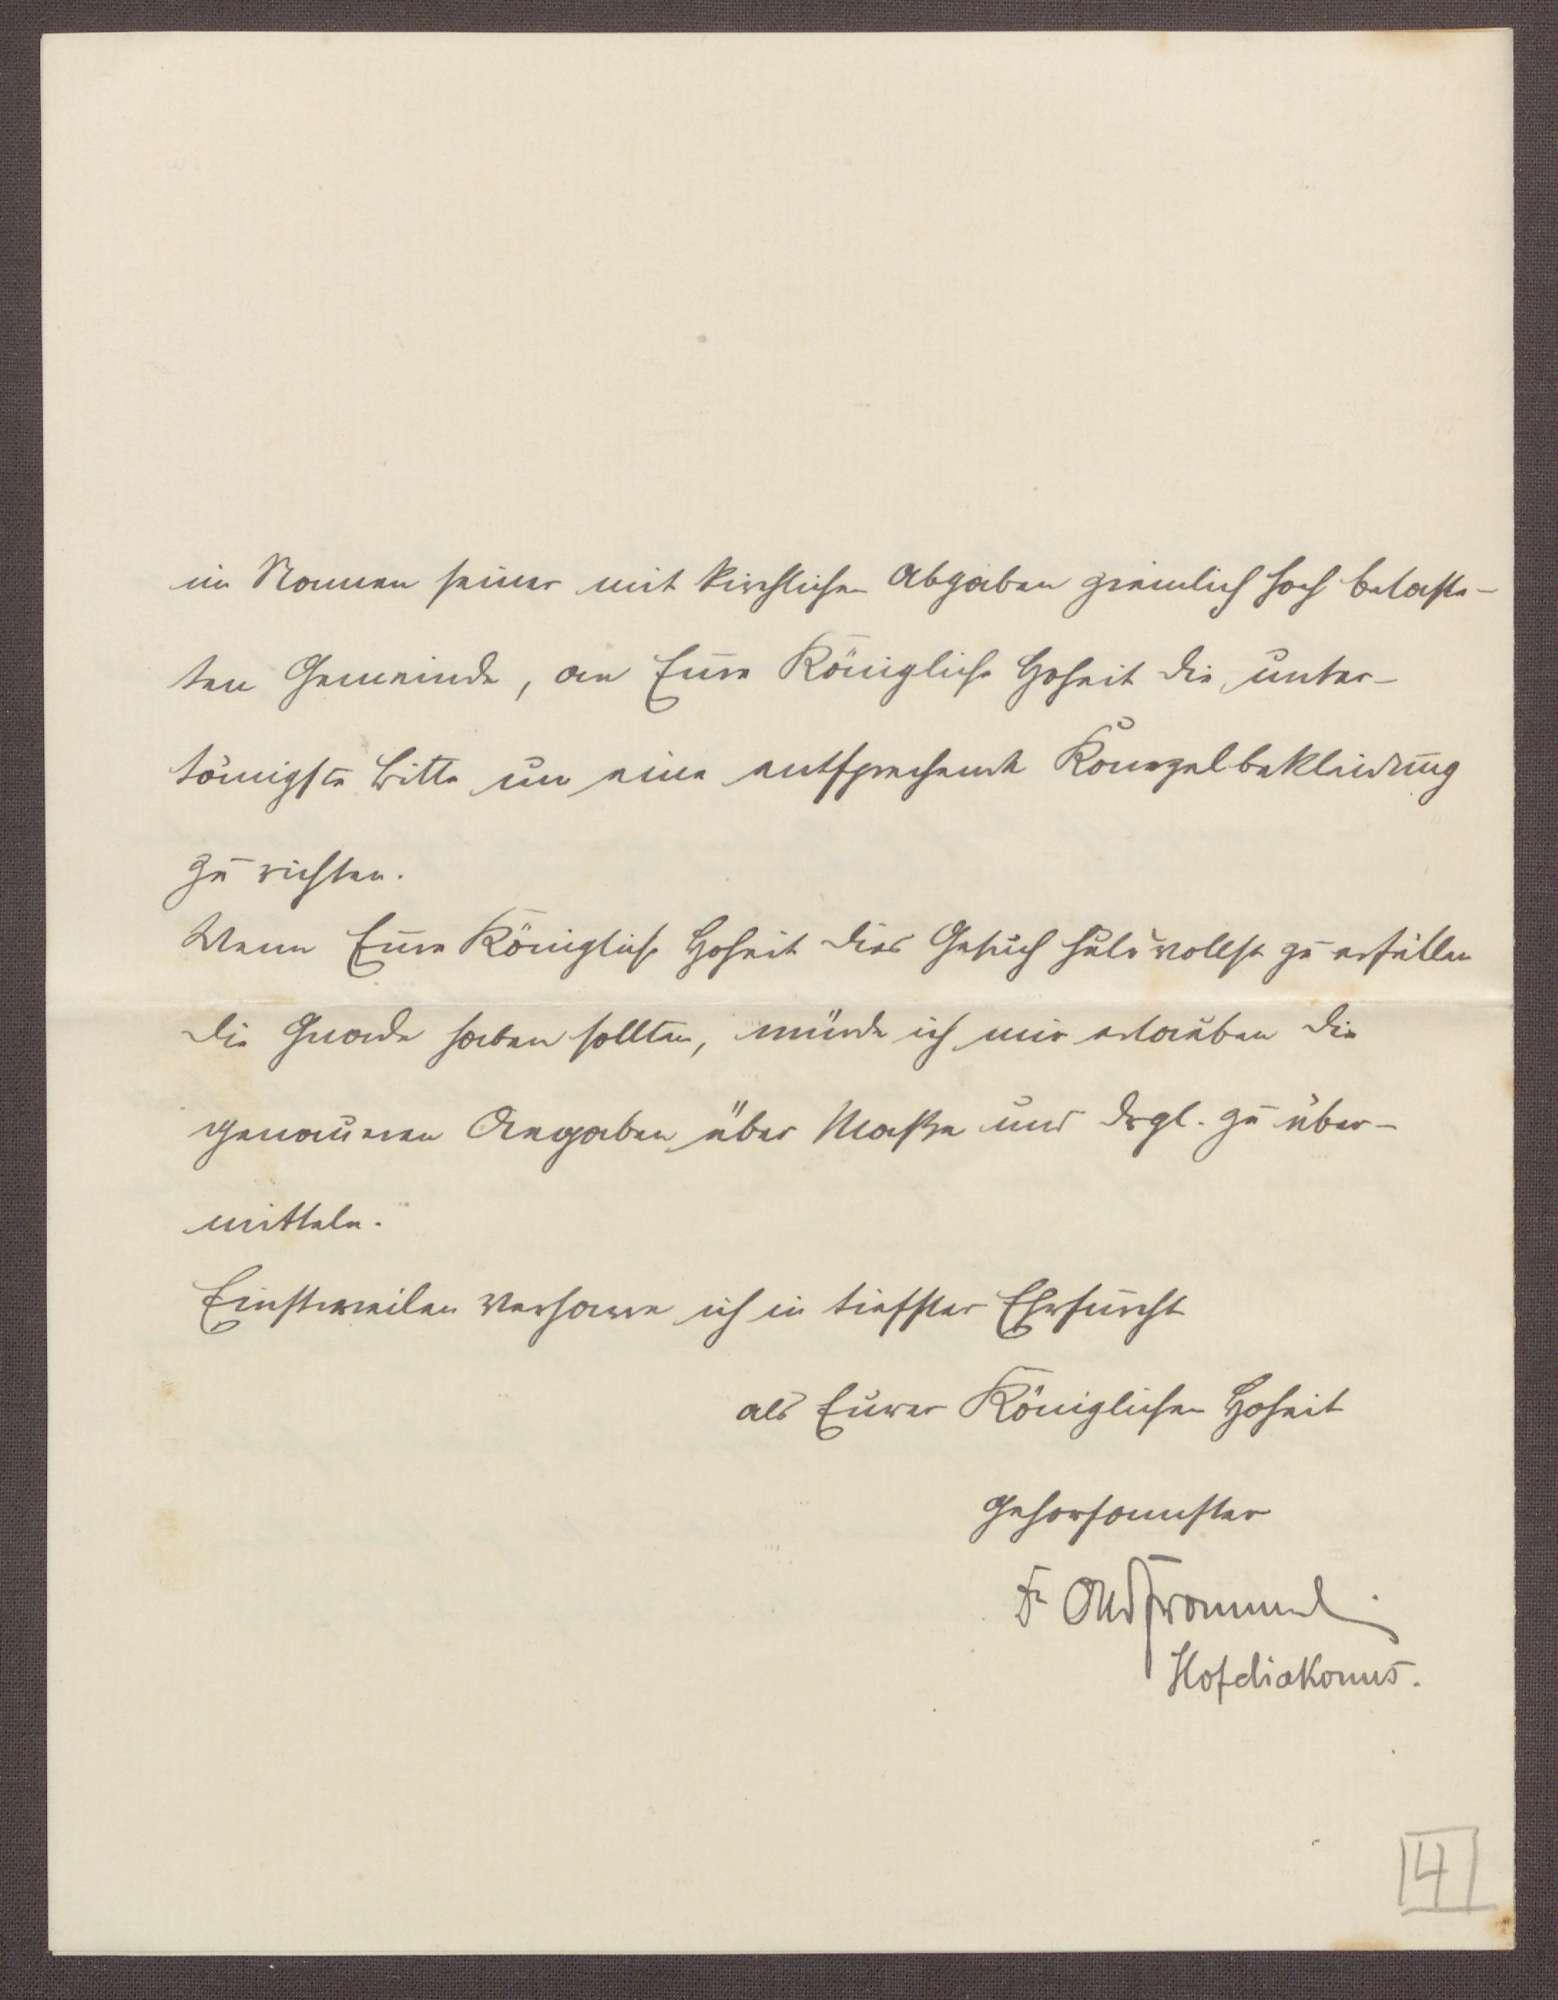 Schreiben von Otto Frommel an die Großherzogin Luise; Beziehung zwischen den Pflegeeinrichtungen und den Pfarreien; neue Orgel für die Kirche in Gaiberg, Bild 3